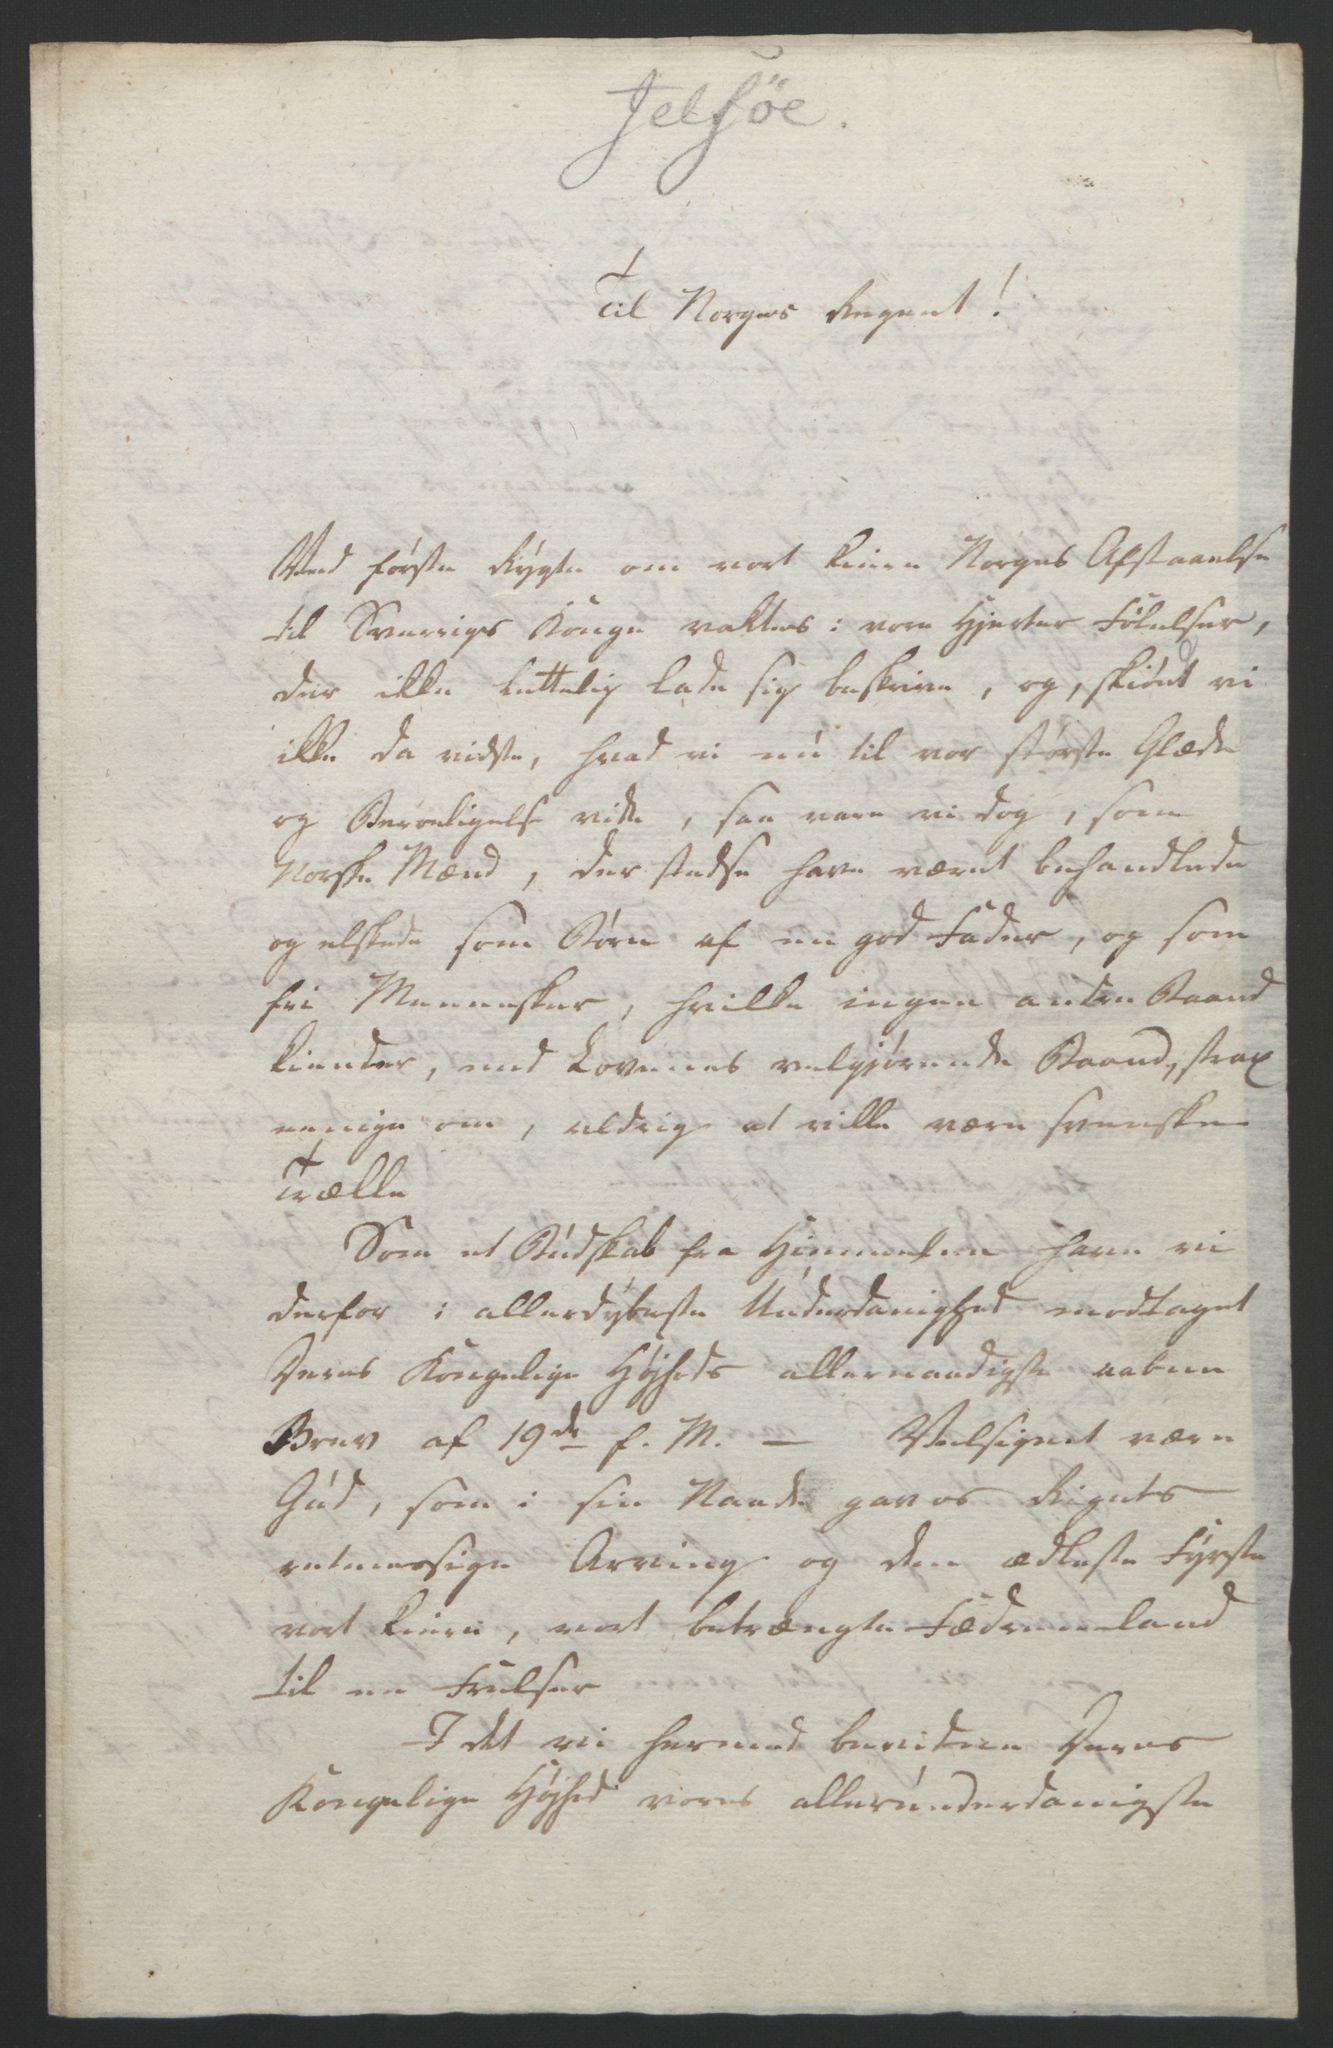 RA, Statsrådssekretariatet, D/Db/L0008: Fullmakter for Eidsvollsrepresentantene i 1814. , 1814, s. 231